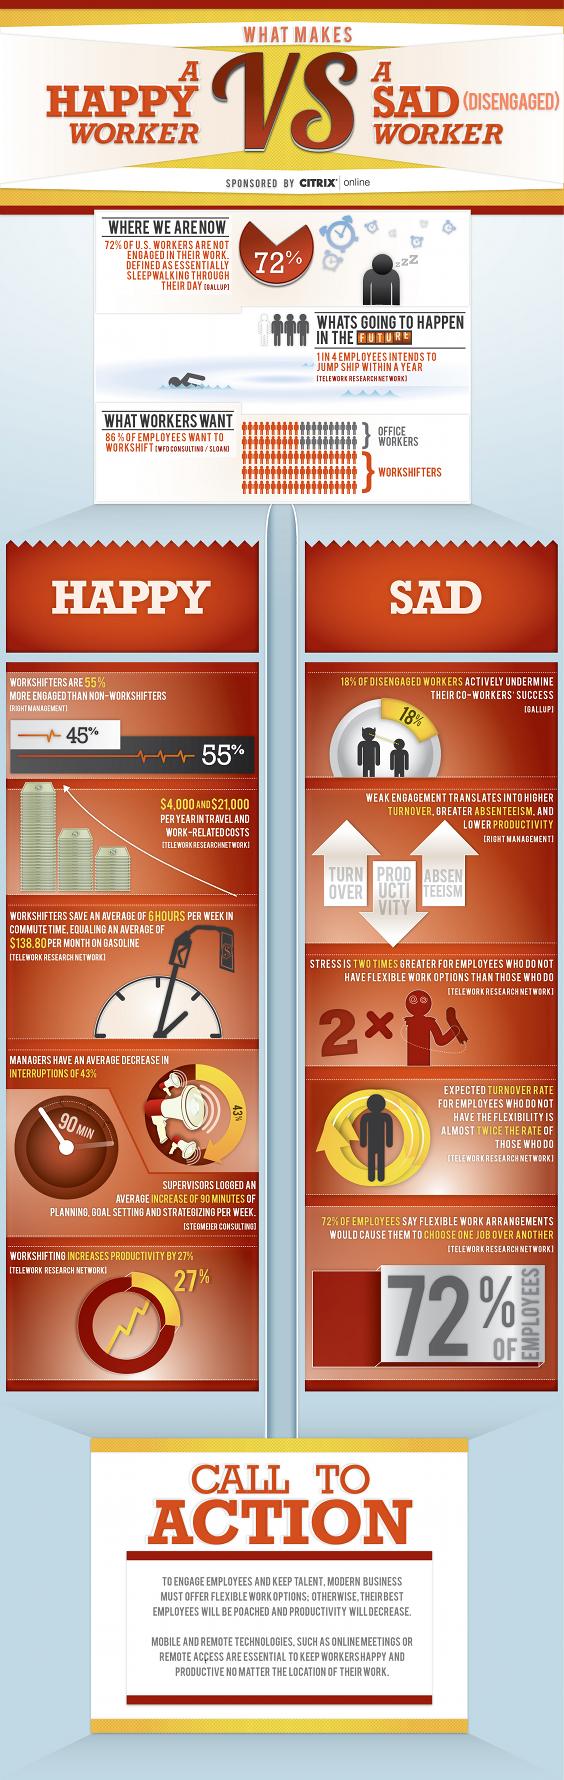 Happy worker vs Sad worker - infograph